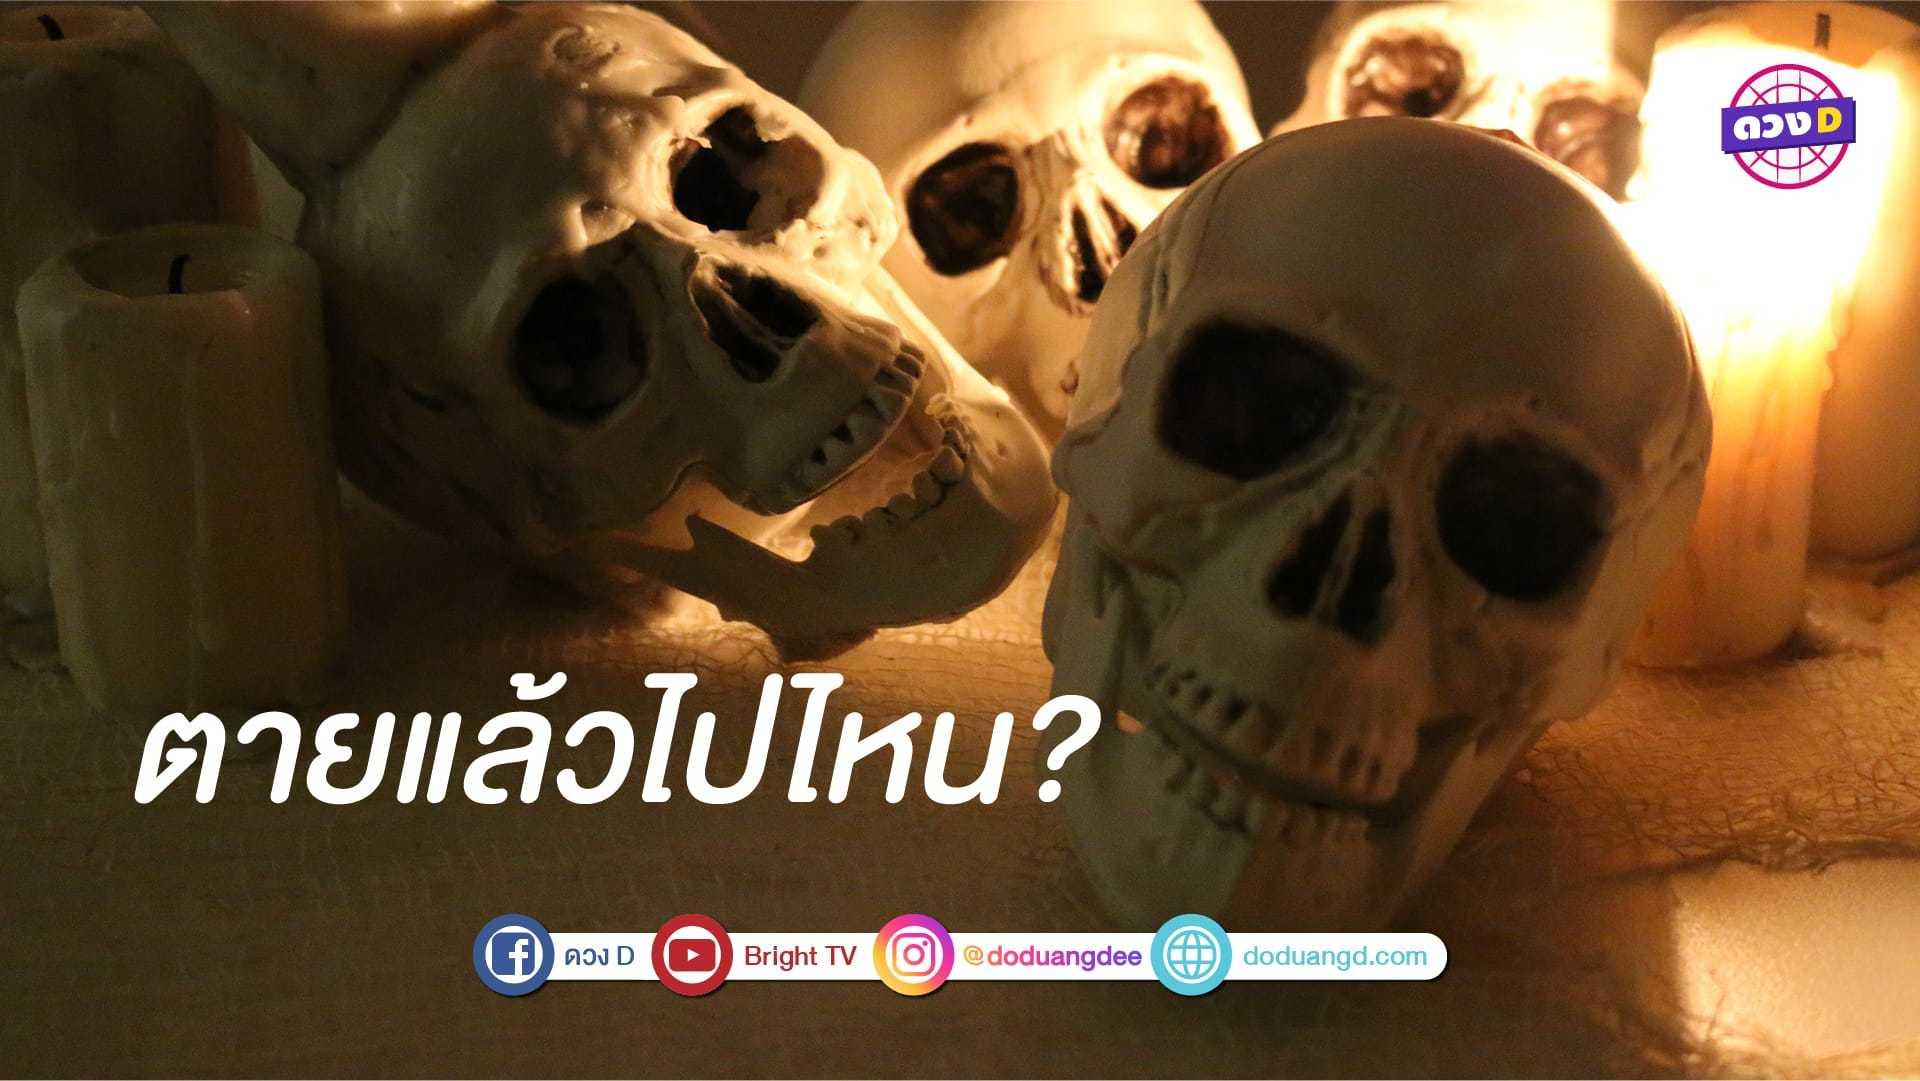 ไขข้อสงสัยที่หลายคนอยากรู้ ตายแล้วไปไหน ? เกิดใหม่ หรือ ยังวนเวียน